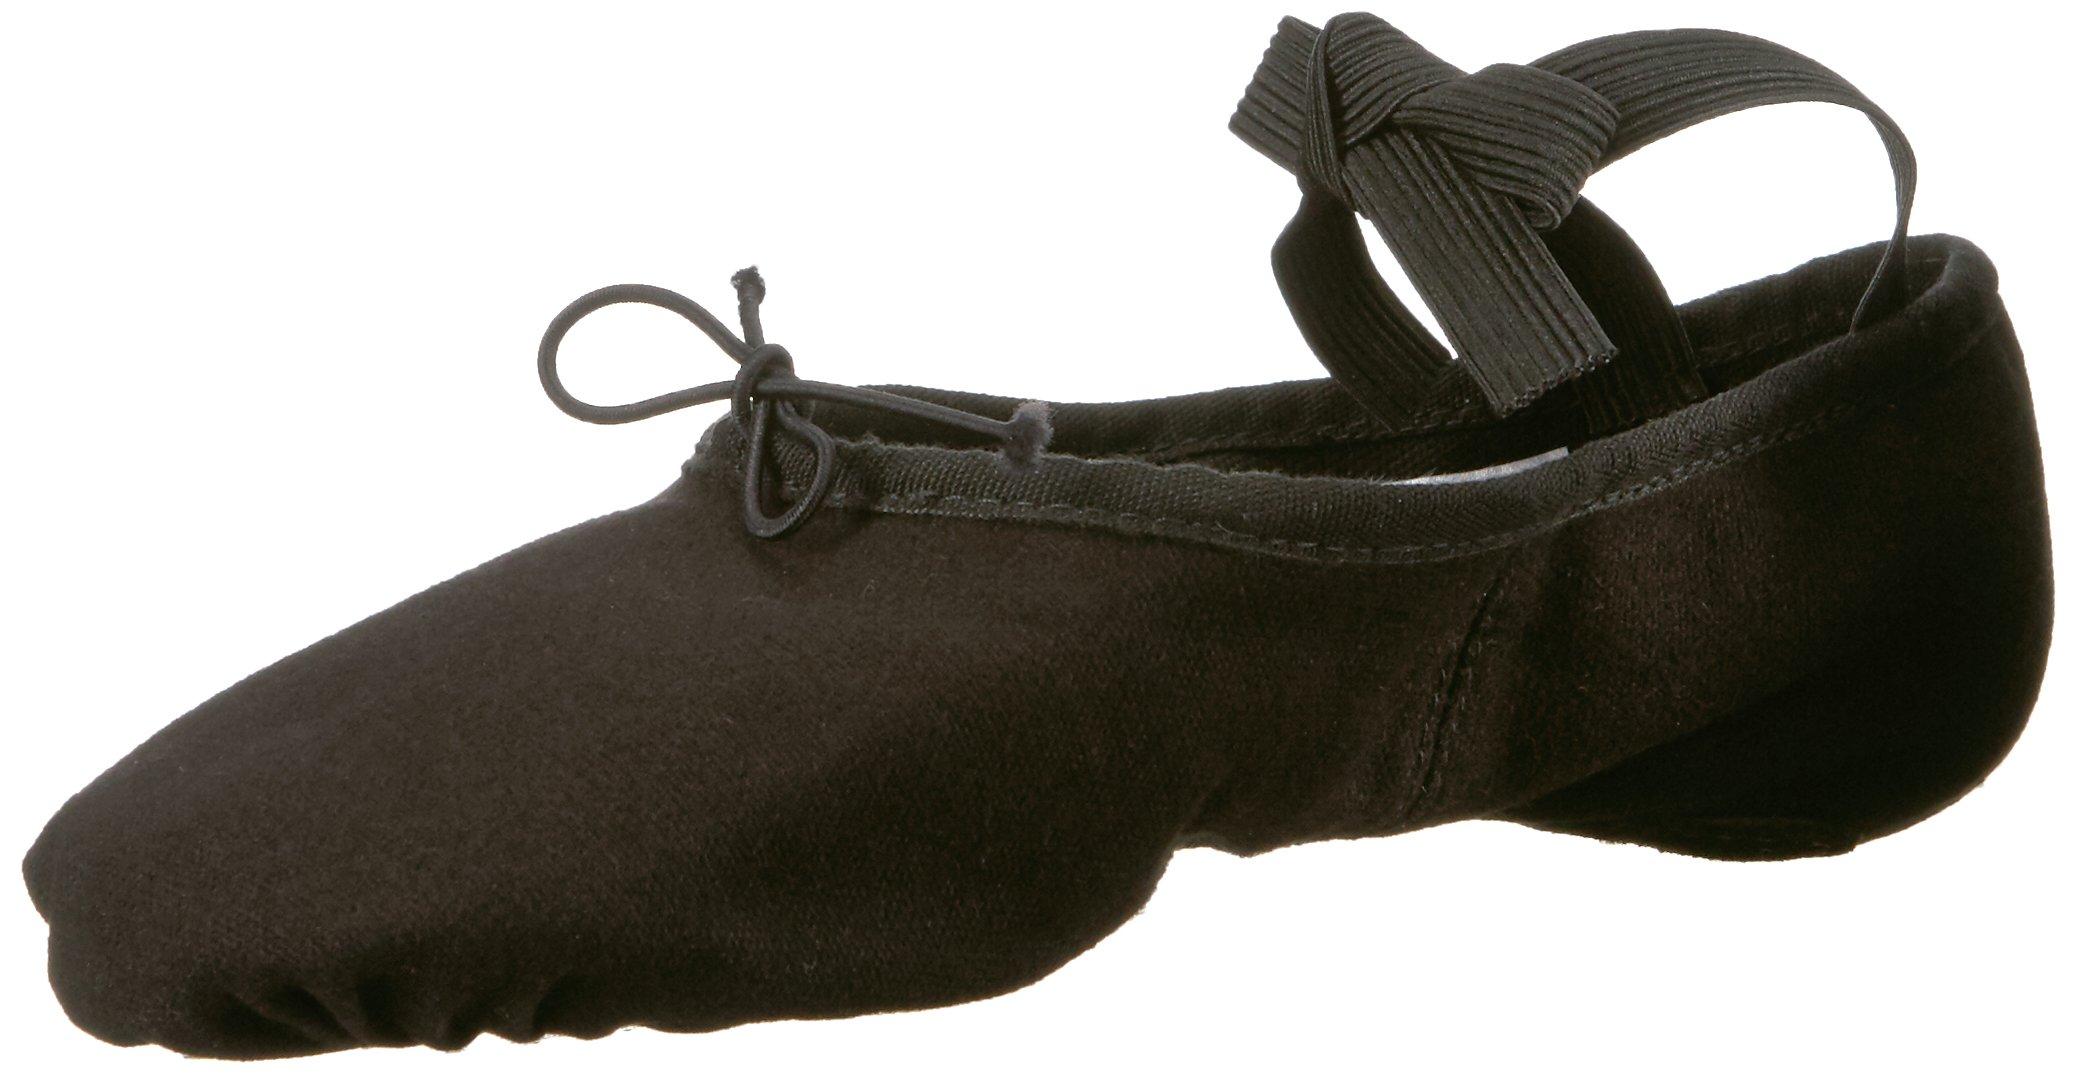 Bloch Dance Men's Pump Dance Shoe, Black, 4.5 D US